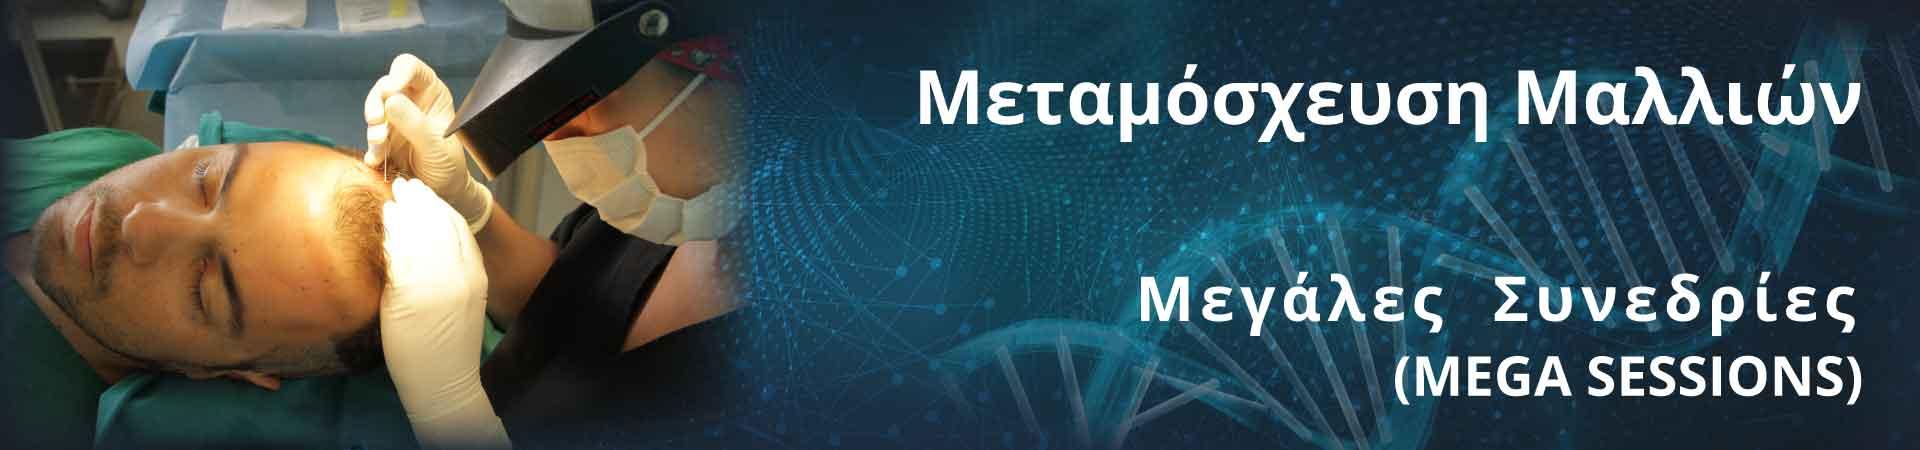 Μεταμοσχευση Μαλλιων – Mega Sessions